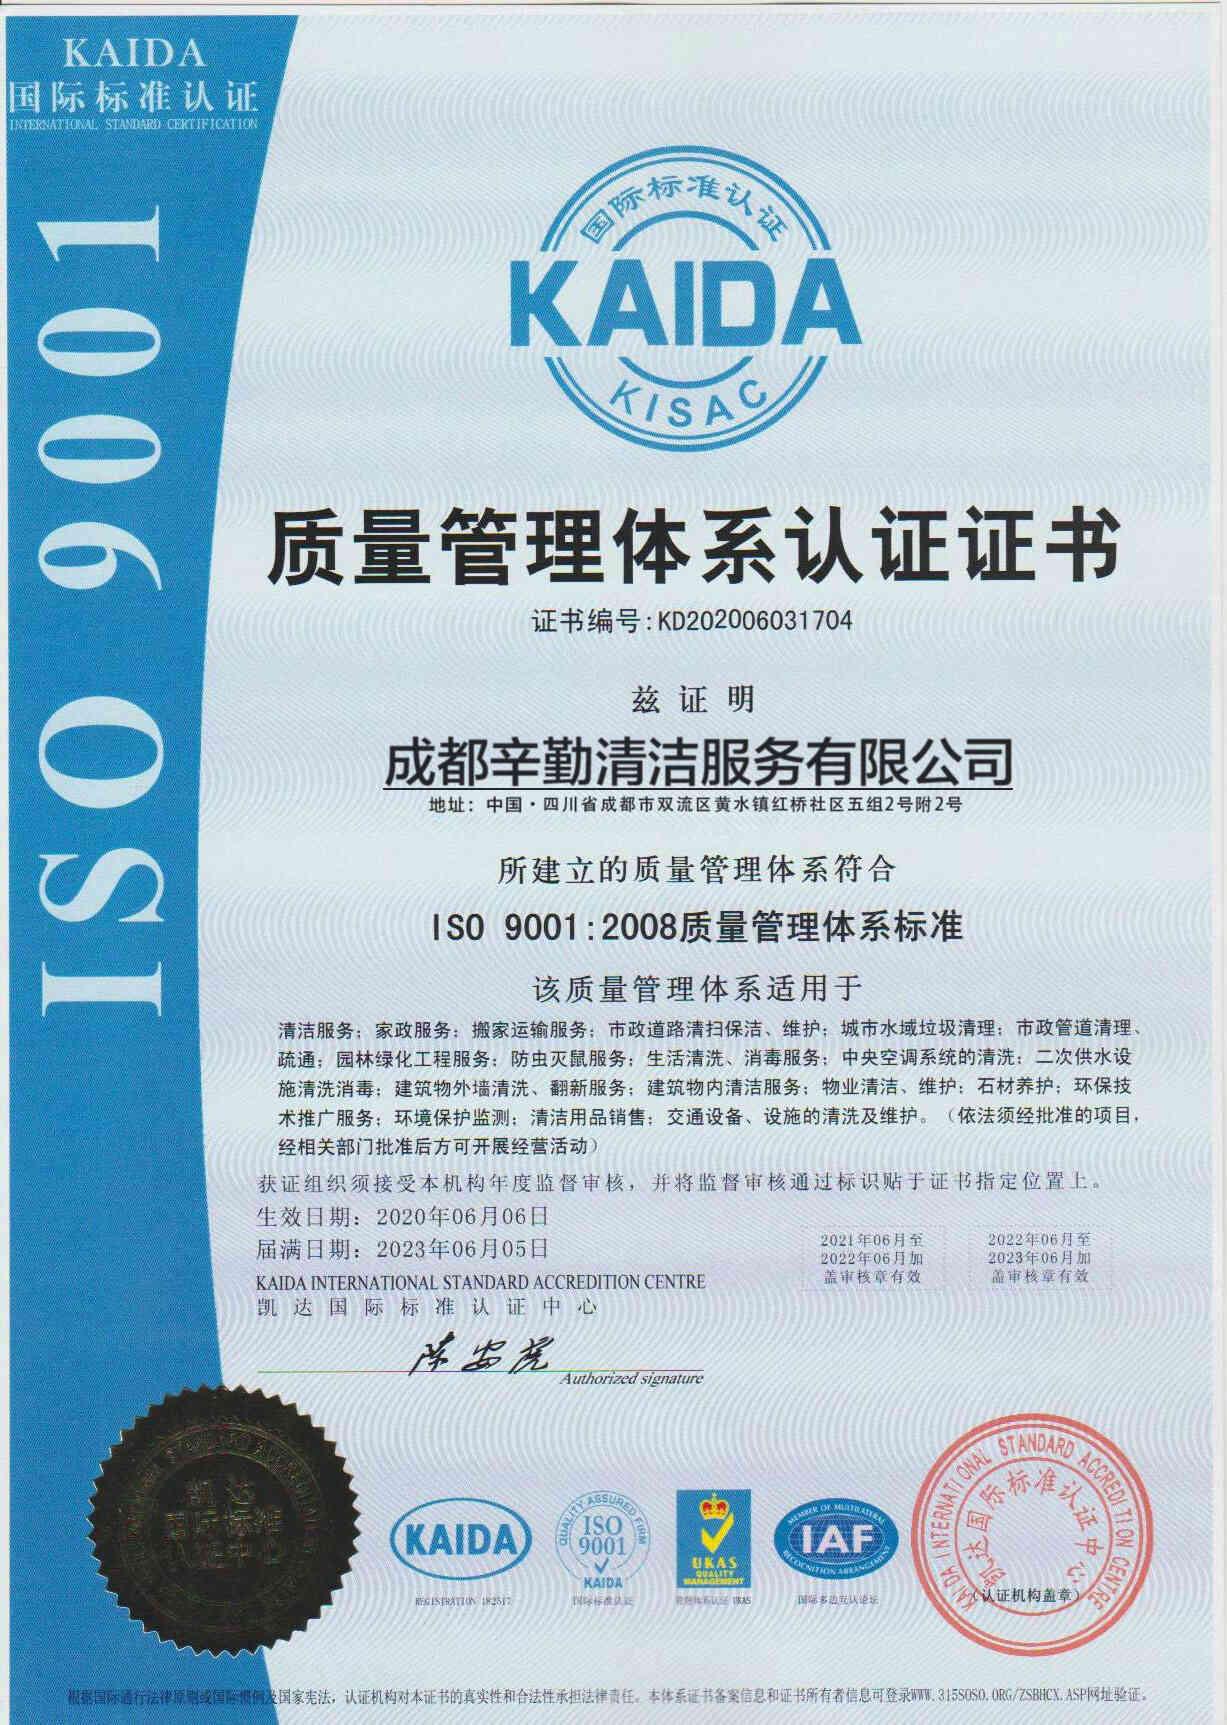 大理石结晶公司质量管理体系